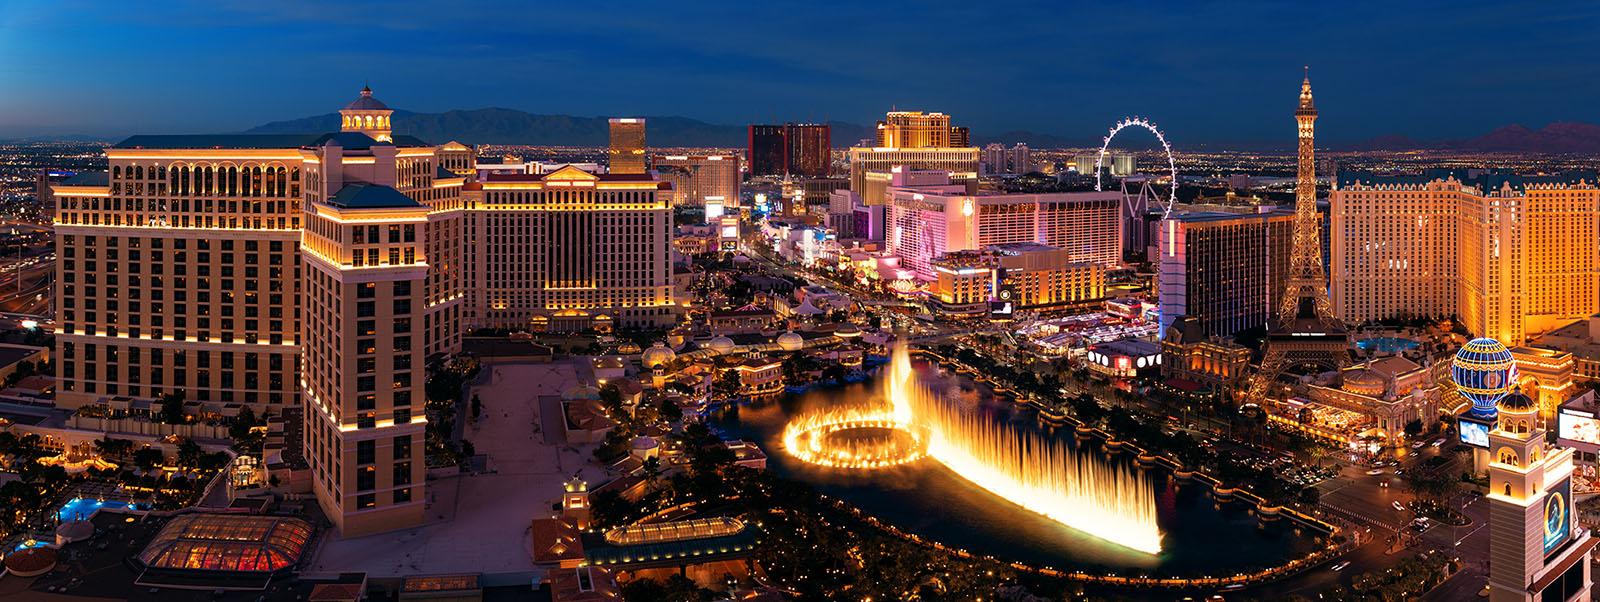 Las Vegas Strip night